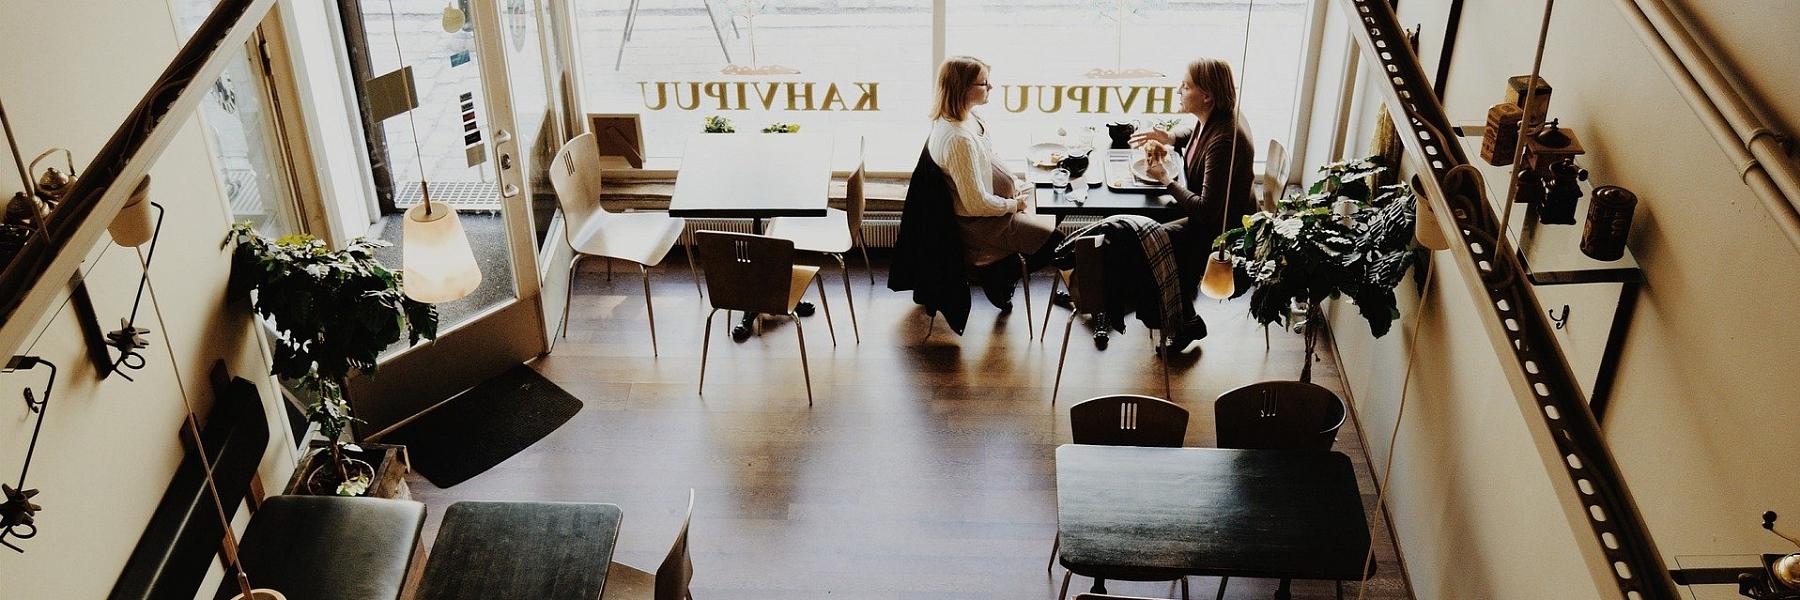 Förderprogramme für Unternehmer, Kultur & Gewerbe